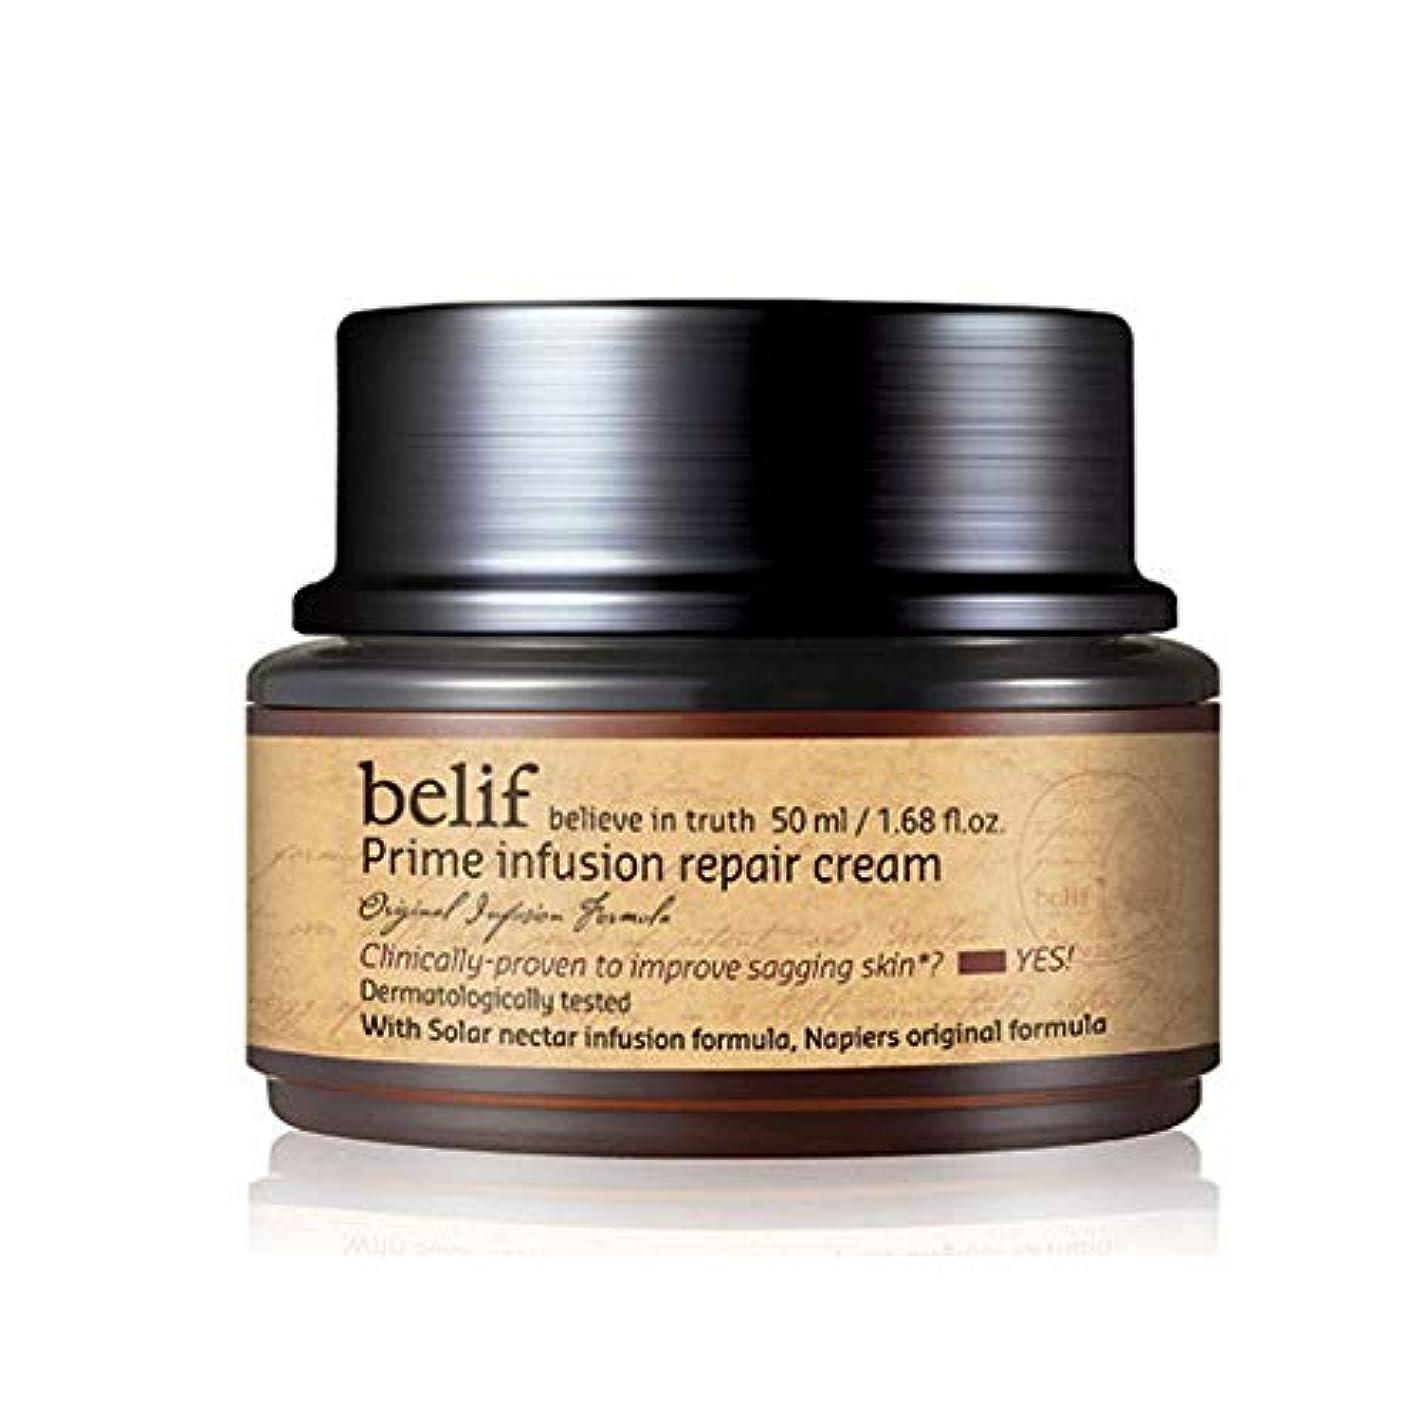 イタリアのレンディション名前でビリーププライムインフュージョンリペアクリーム50mlシワ改善 韓国コスメ、belif Prime Infusion Repair Cream 50ml Korean Cosmetics [並行輸入品]